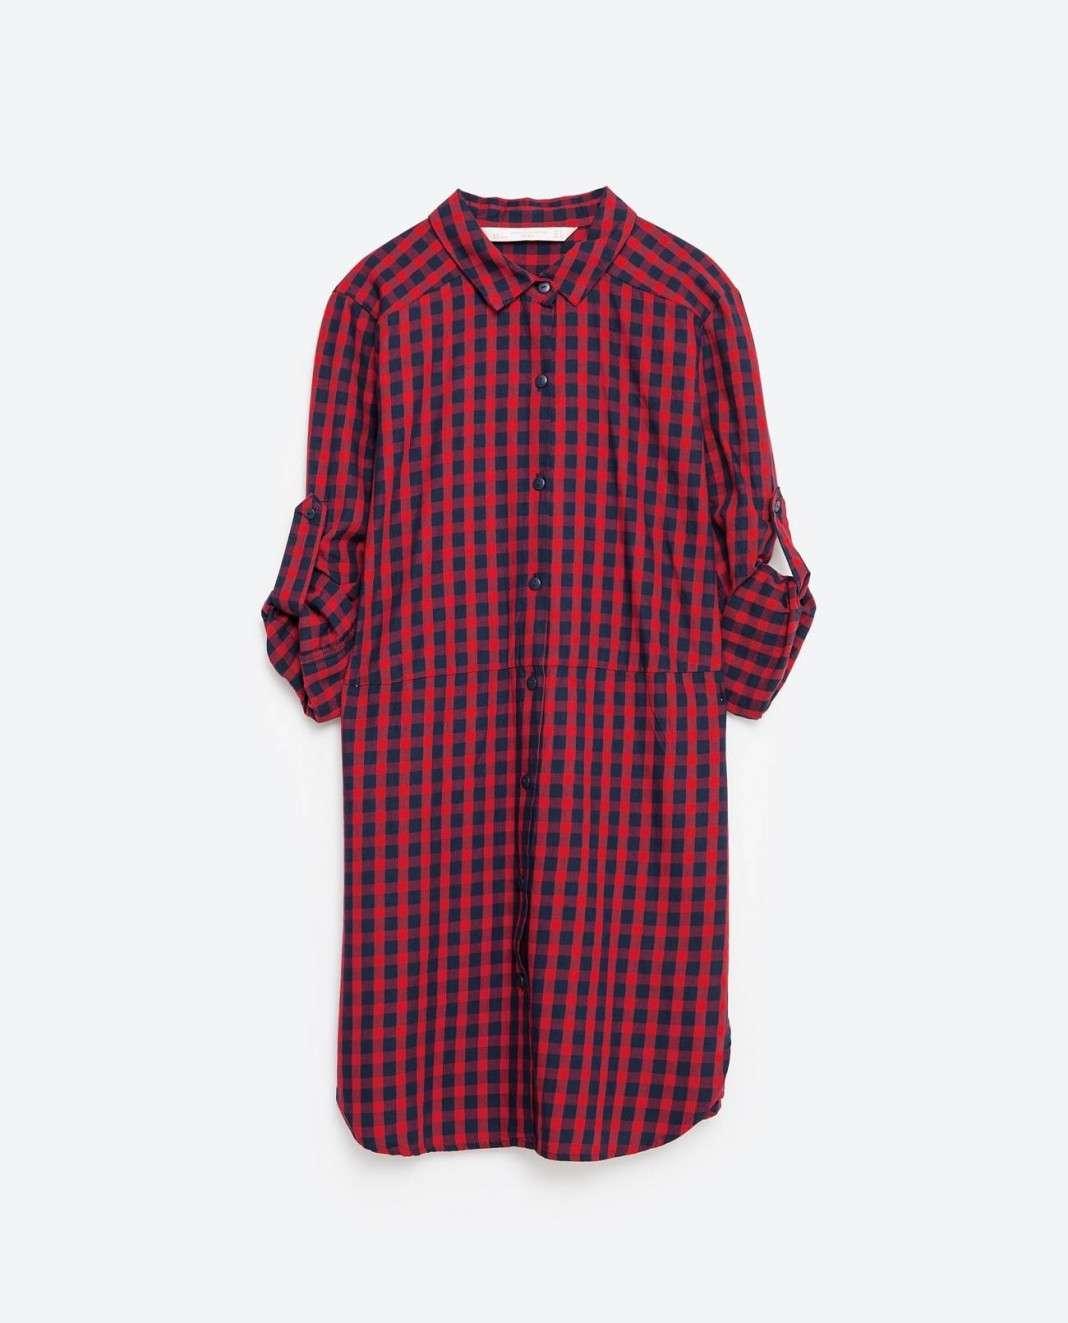 vestidos de Zara para el verano 2016 cuadros rojos